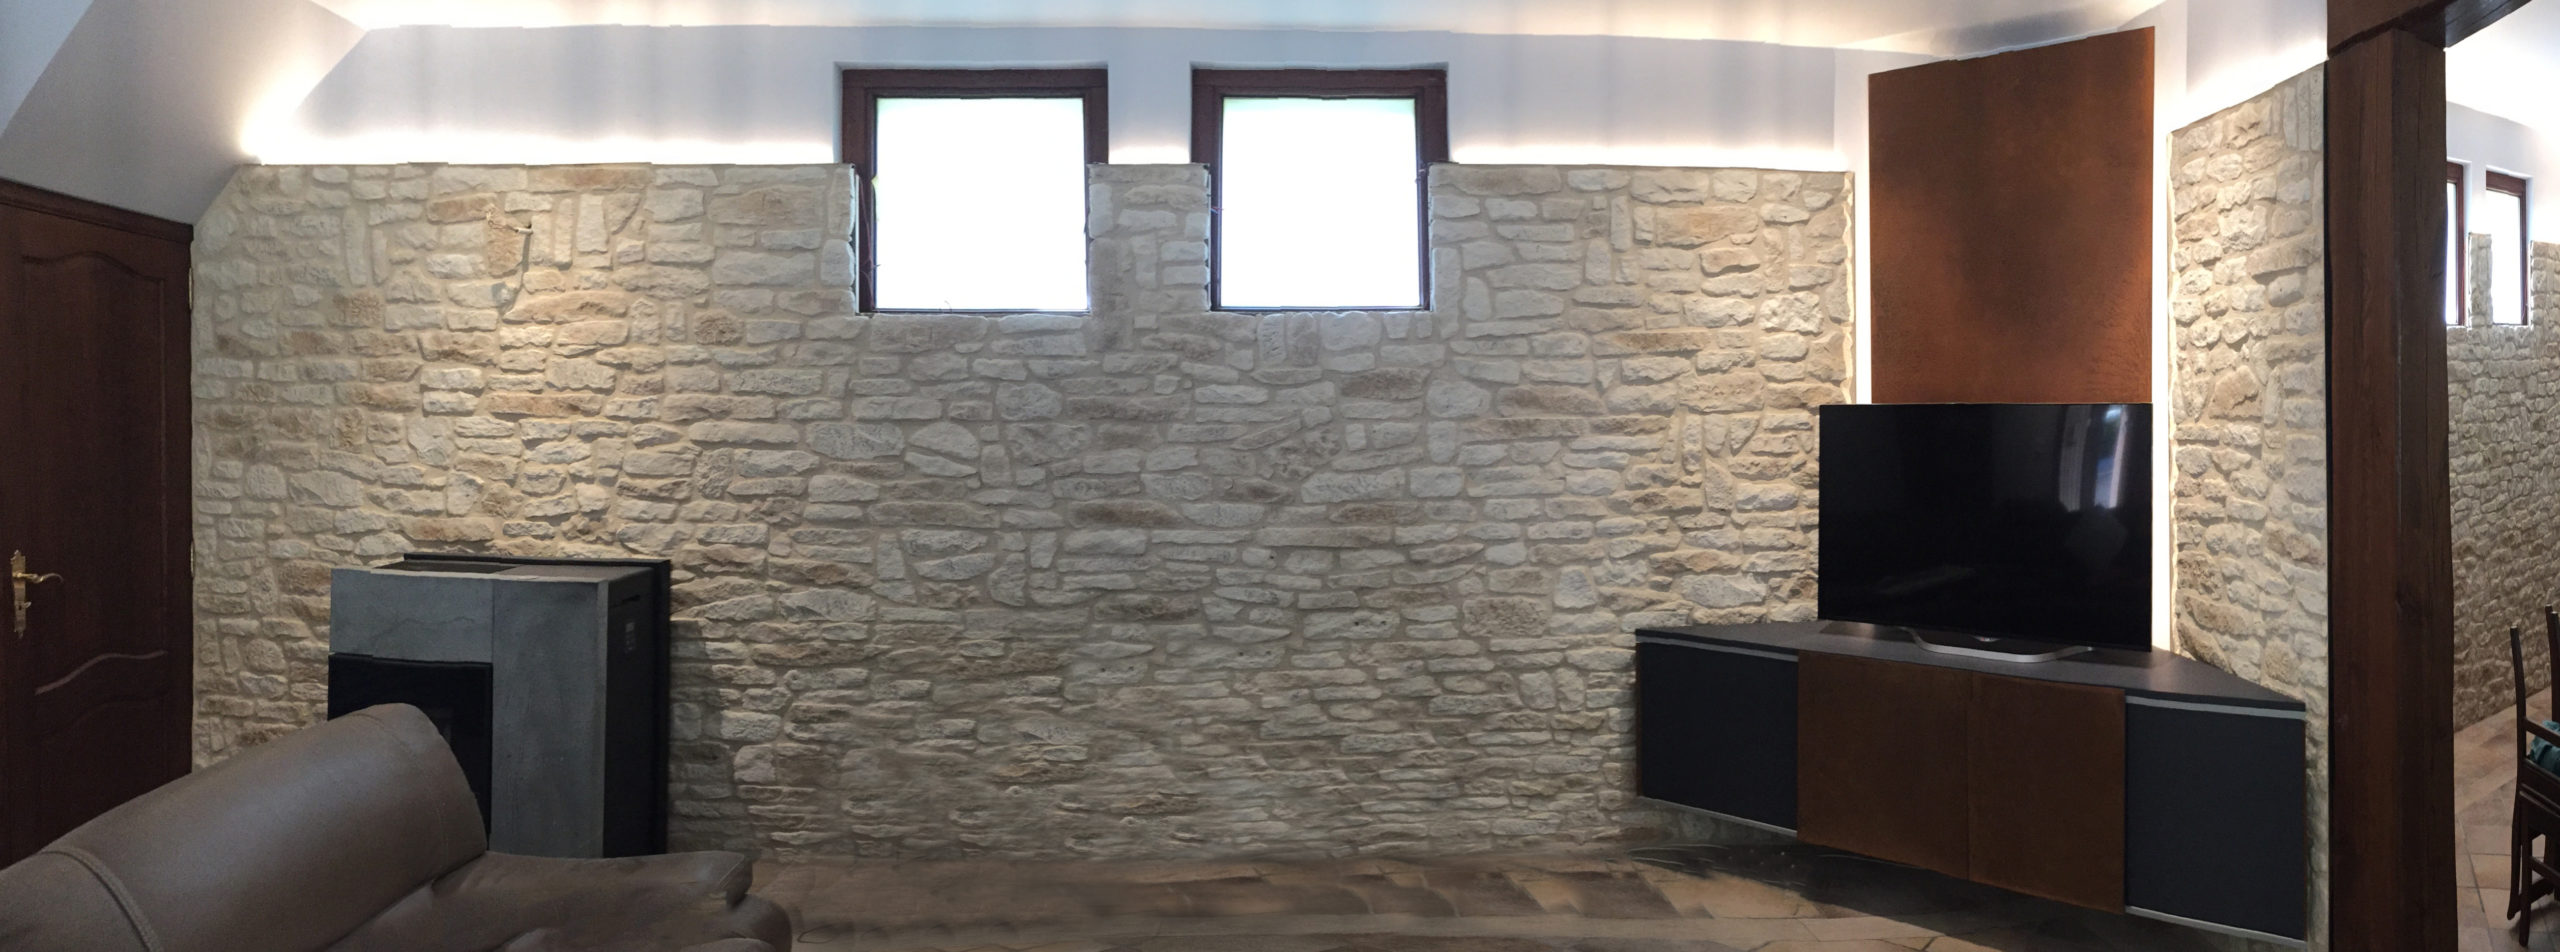 parement faux moellons et meuble hifi/bois et corten + éclairage indirect